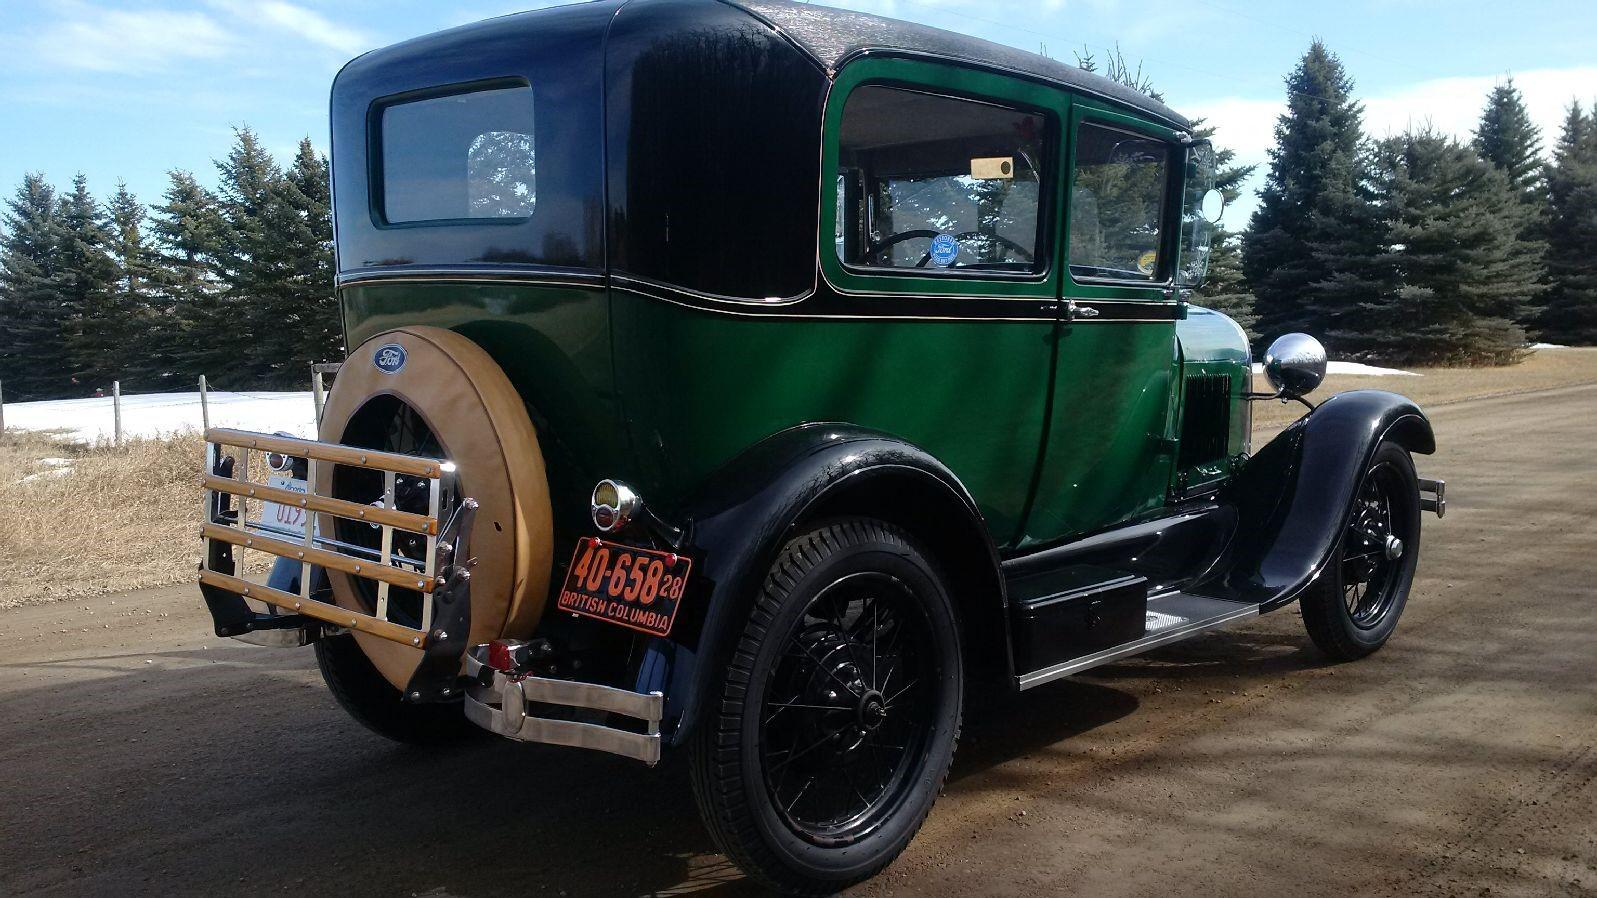 1928 Tudor rear view angle